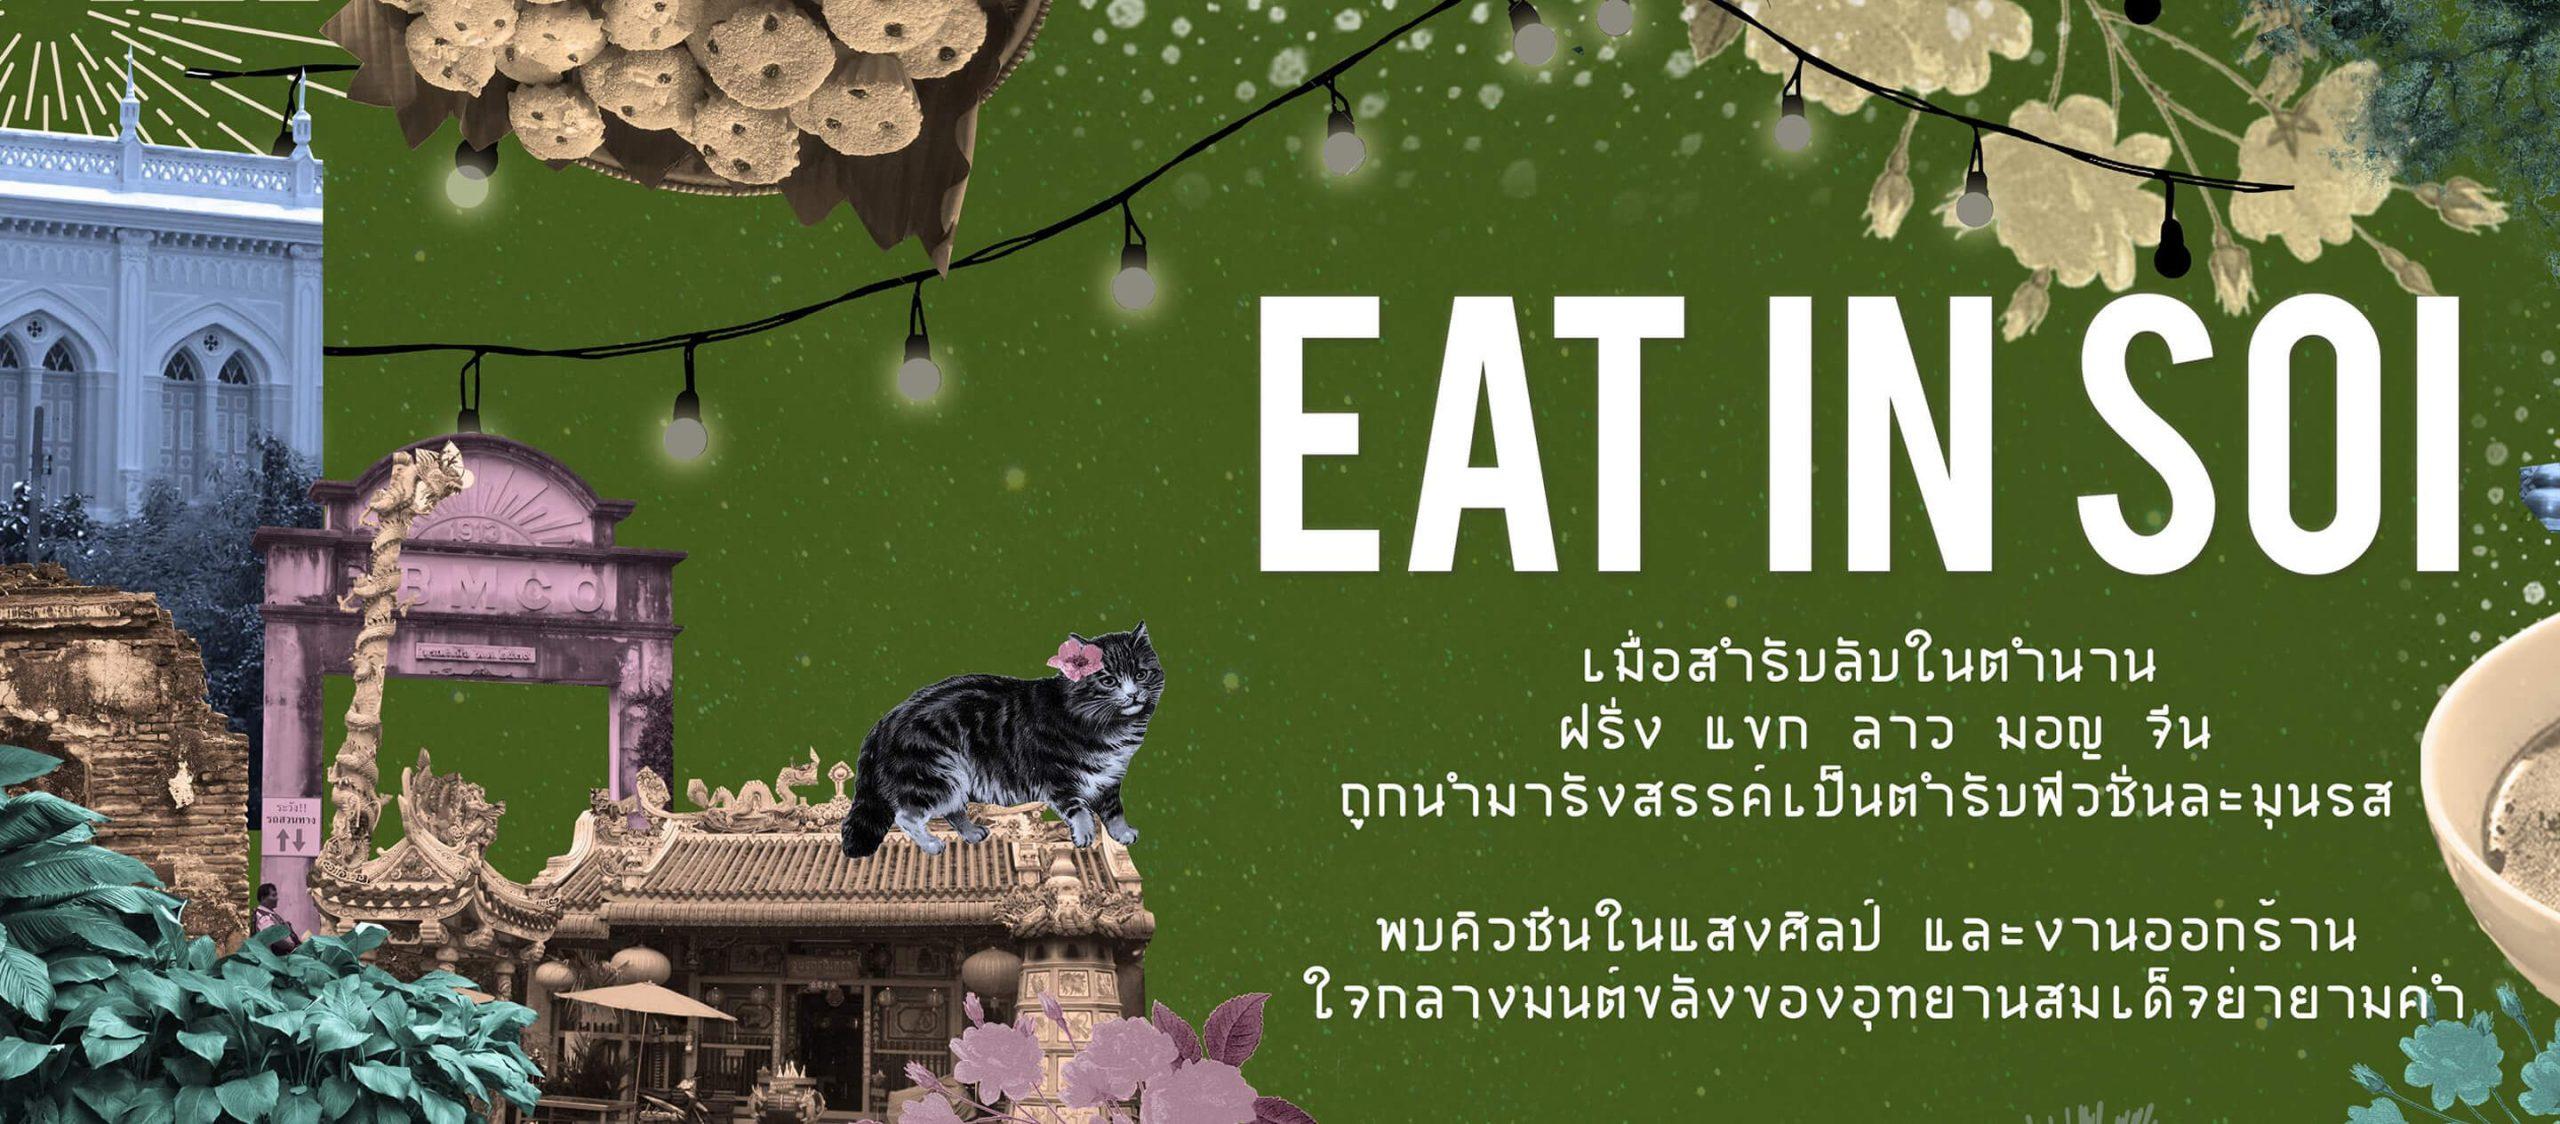 ไหนๆ มีอะไรกินบ้าง? ส่องสำรับลับในตำนานย่านกุฎีจีน-คลองสาน ที่งาน Eat in Soi